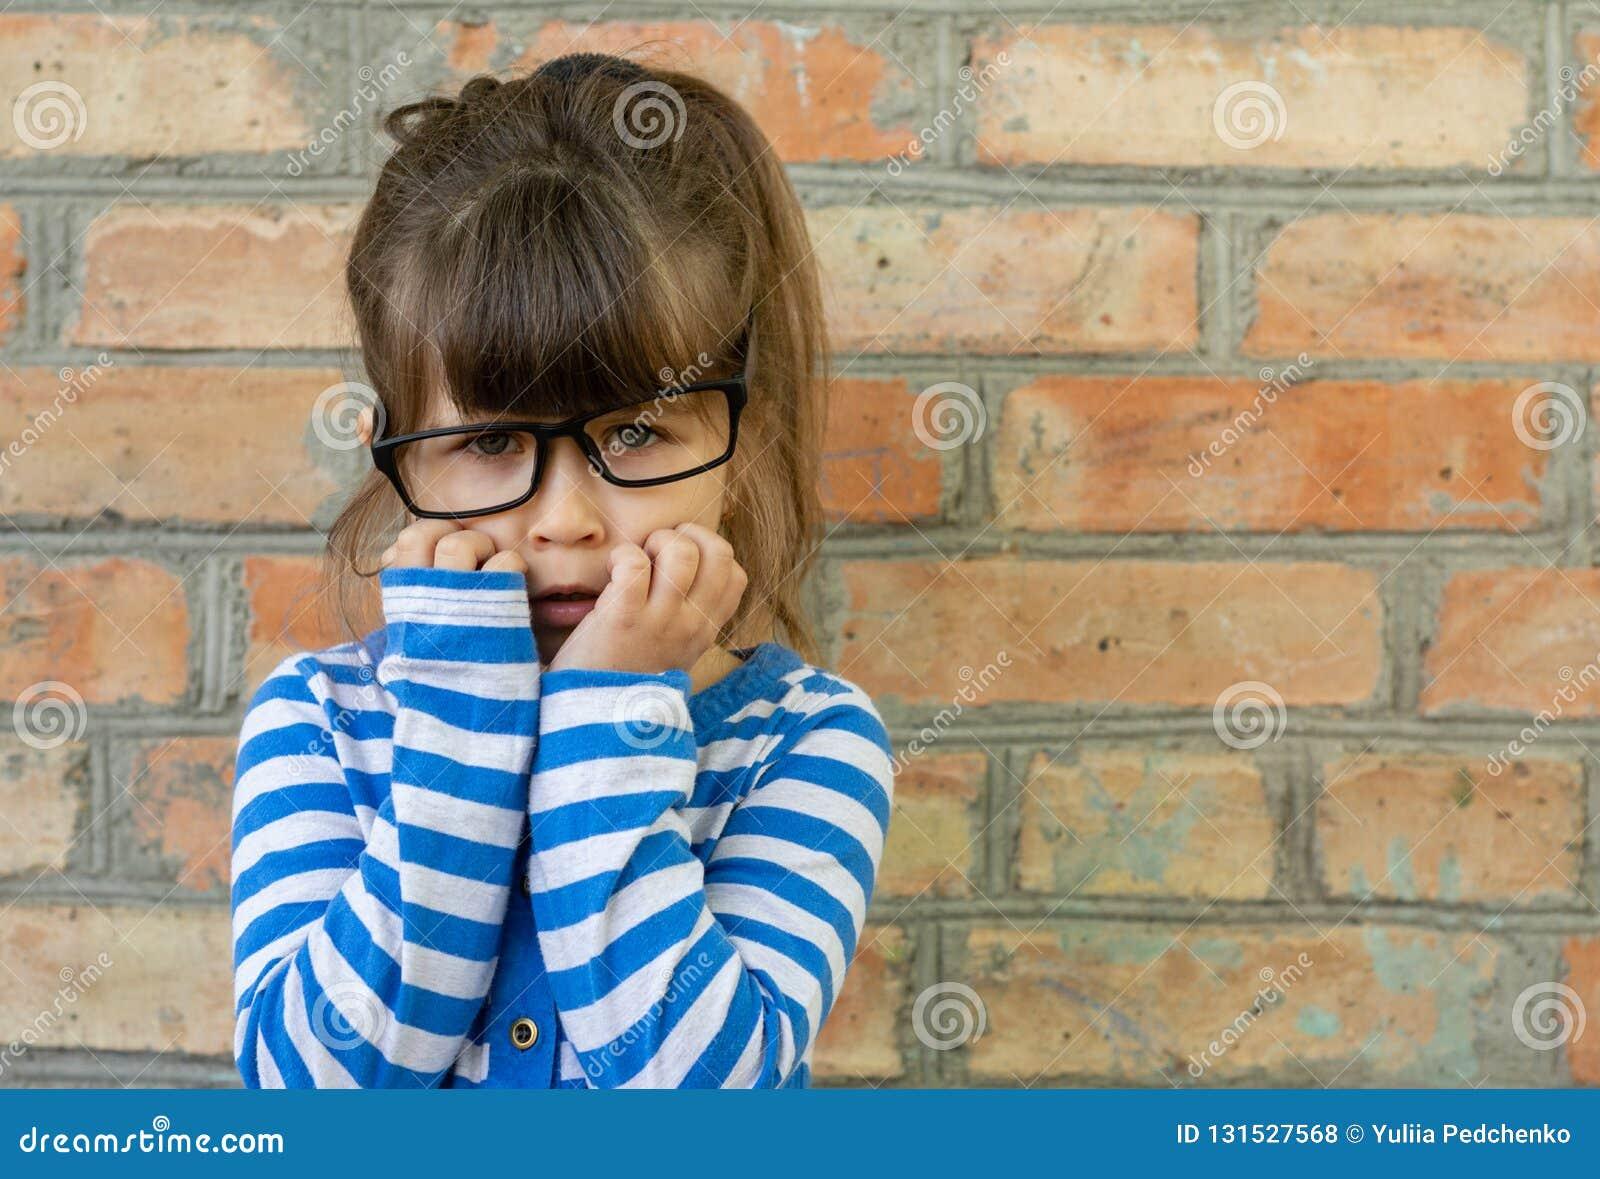 白色T恤的害怕的儿童小男孩表达欢欣在一个空白的空的砖墙